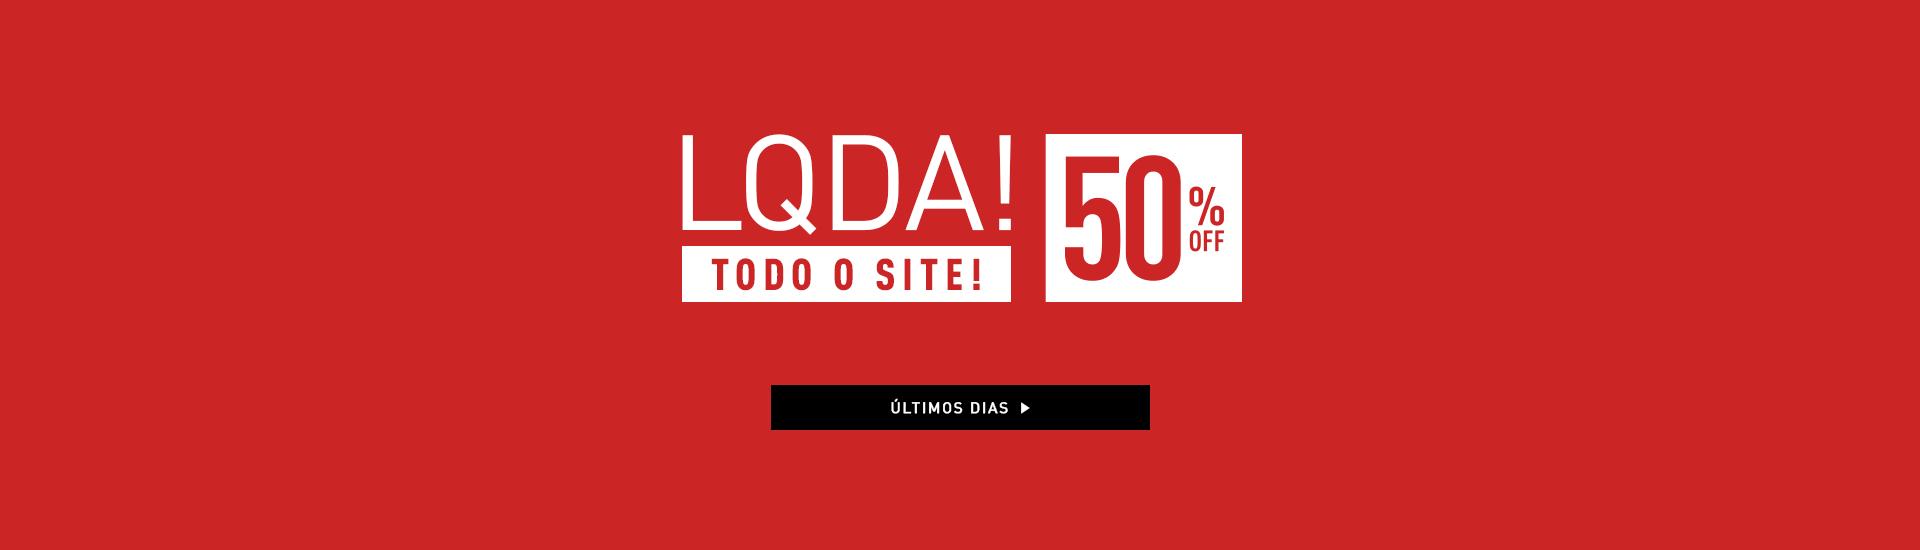 liquida-50%off